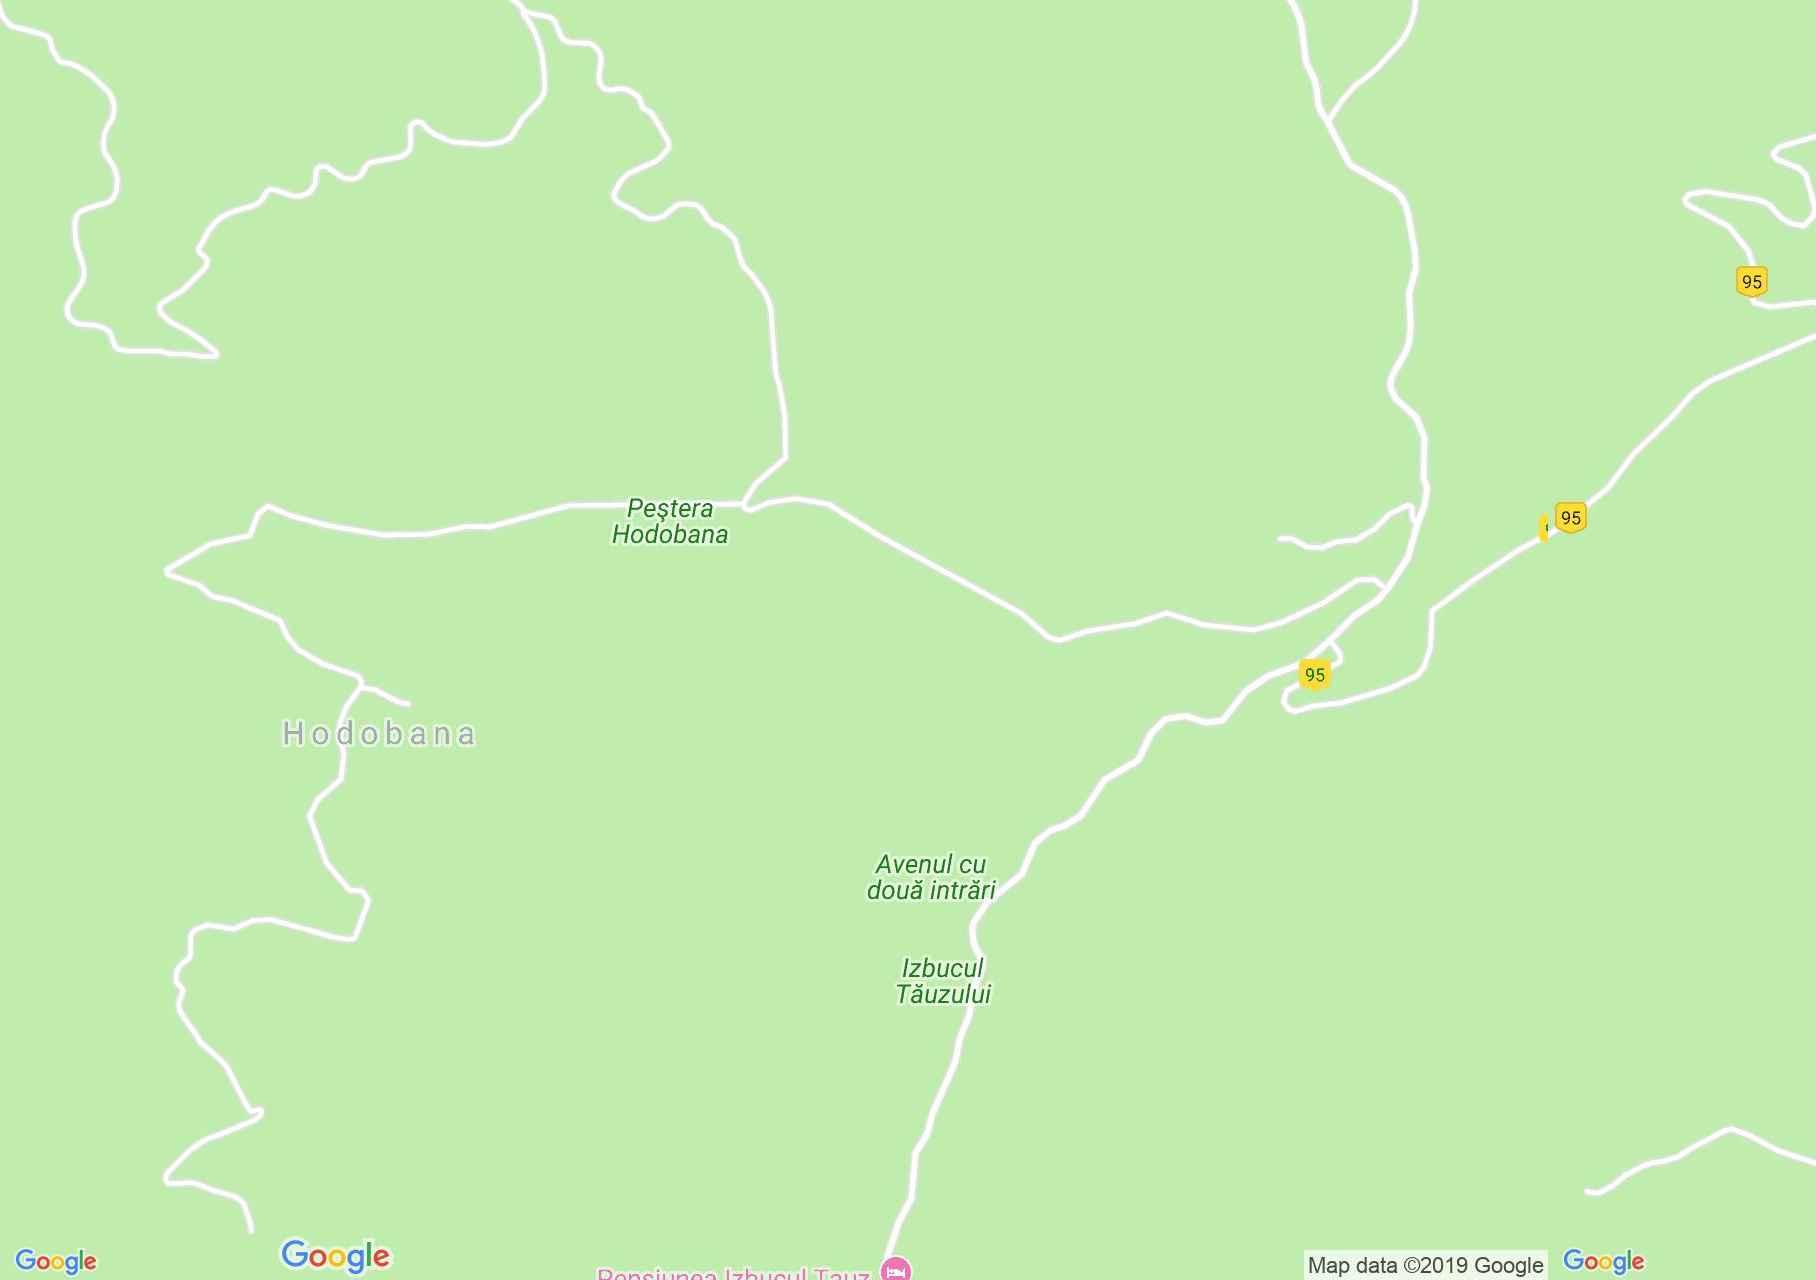 Map of Casa de Piatră: Tauz emergence